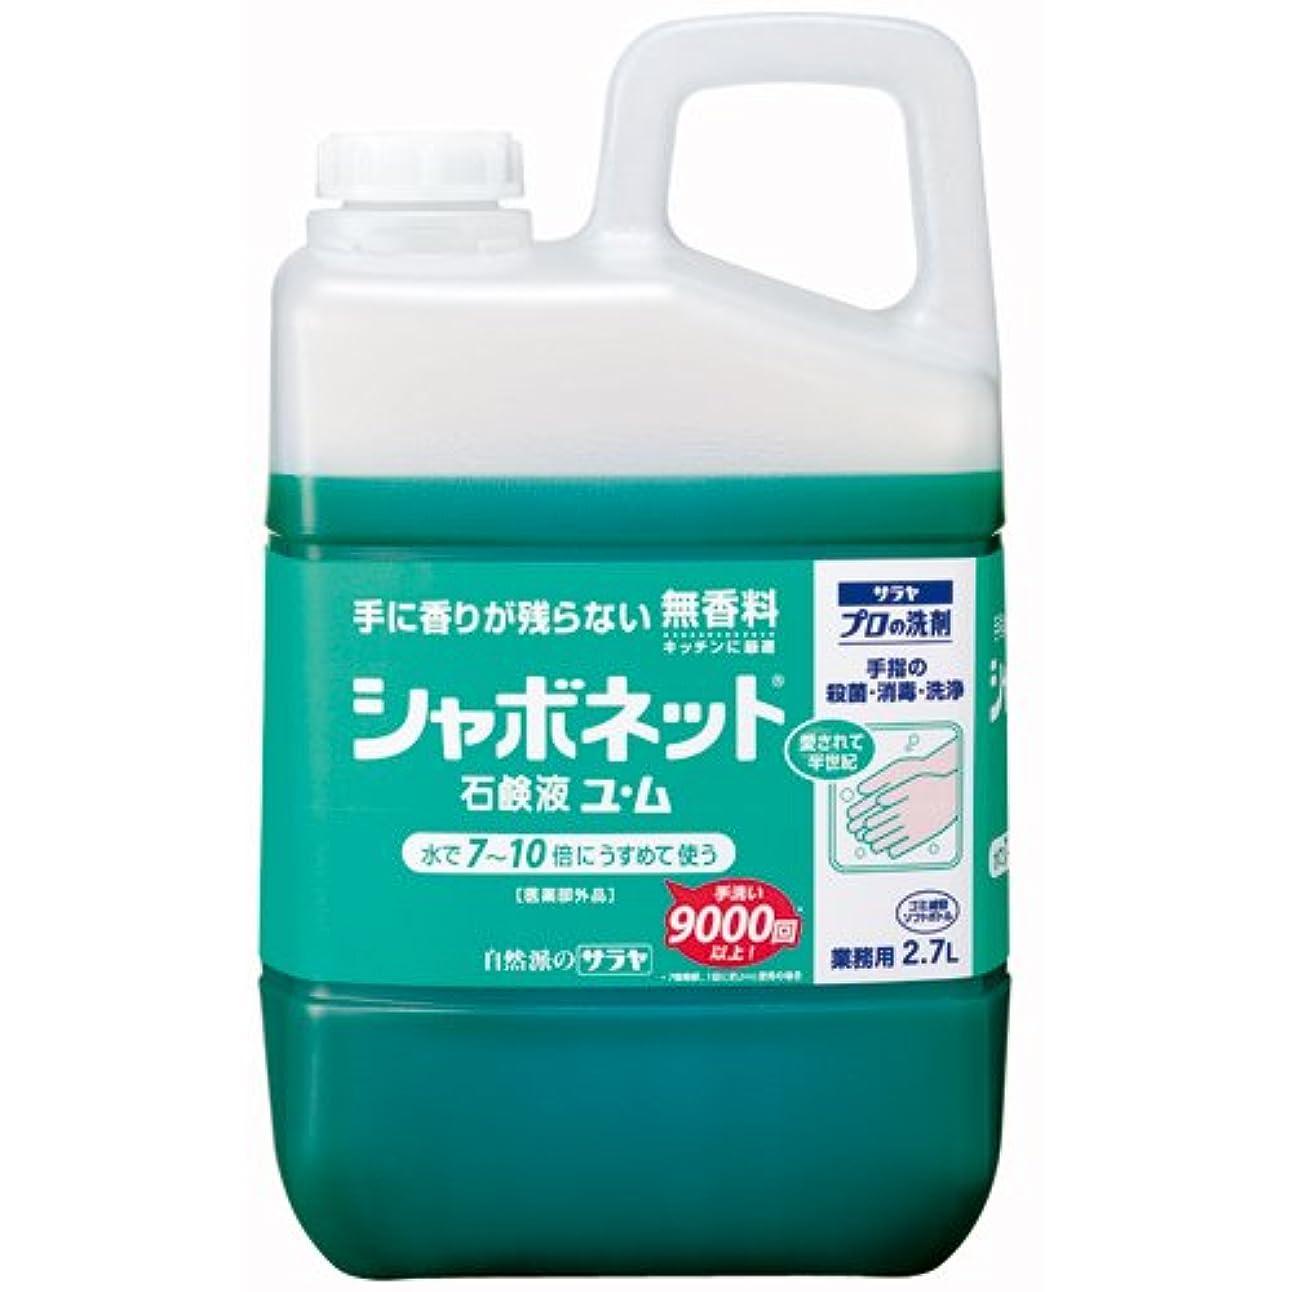 交差点泣くスキャンサラヤ シャボネット石鹸液 ユ?ム 無香料 業務用 2.7L